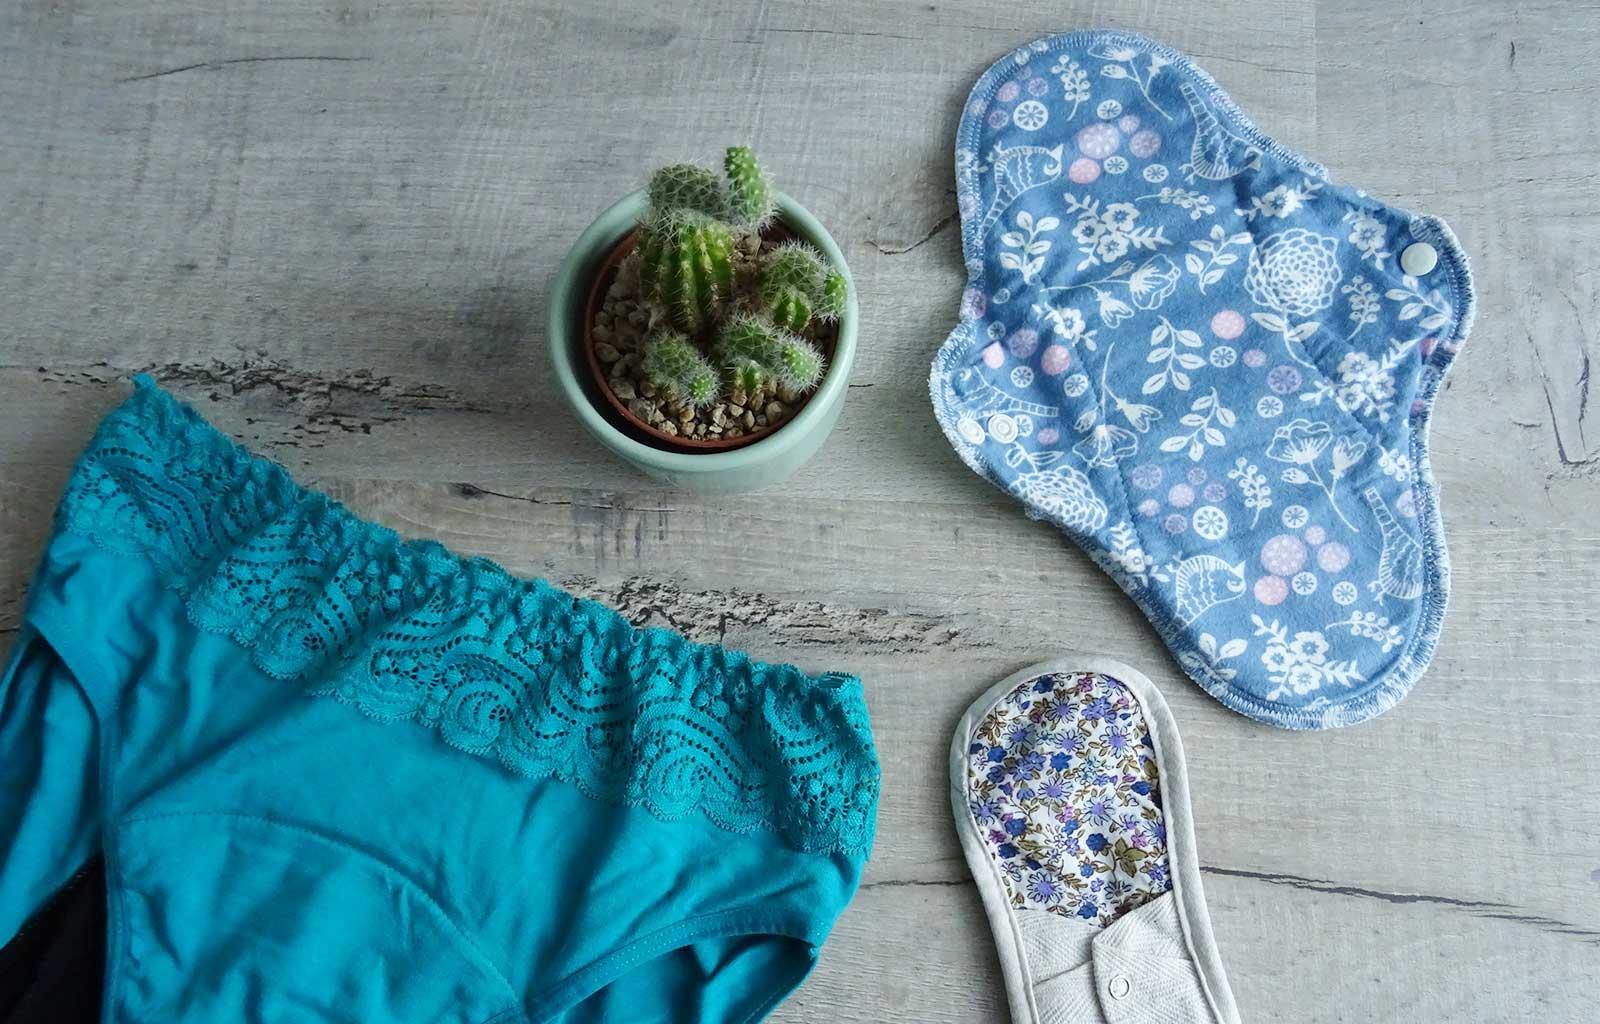 règles zéro déchets culottes menstruelles serviettes lavables